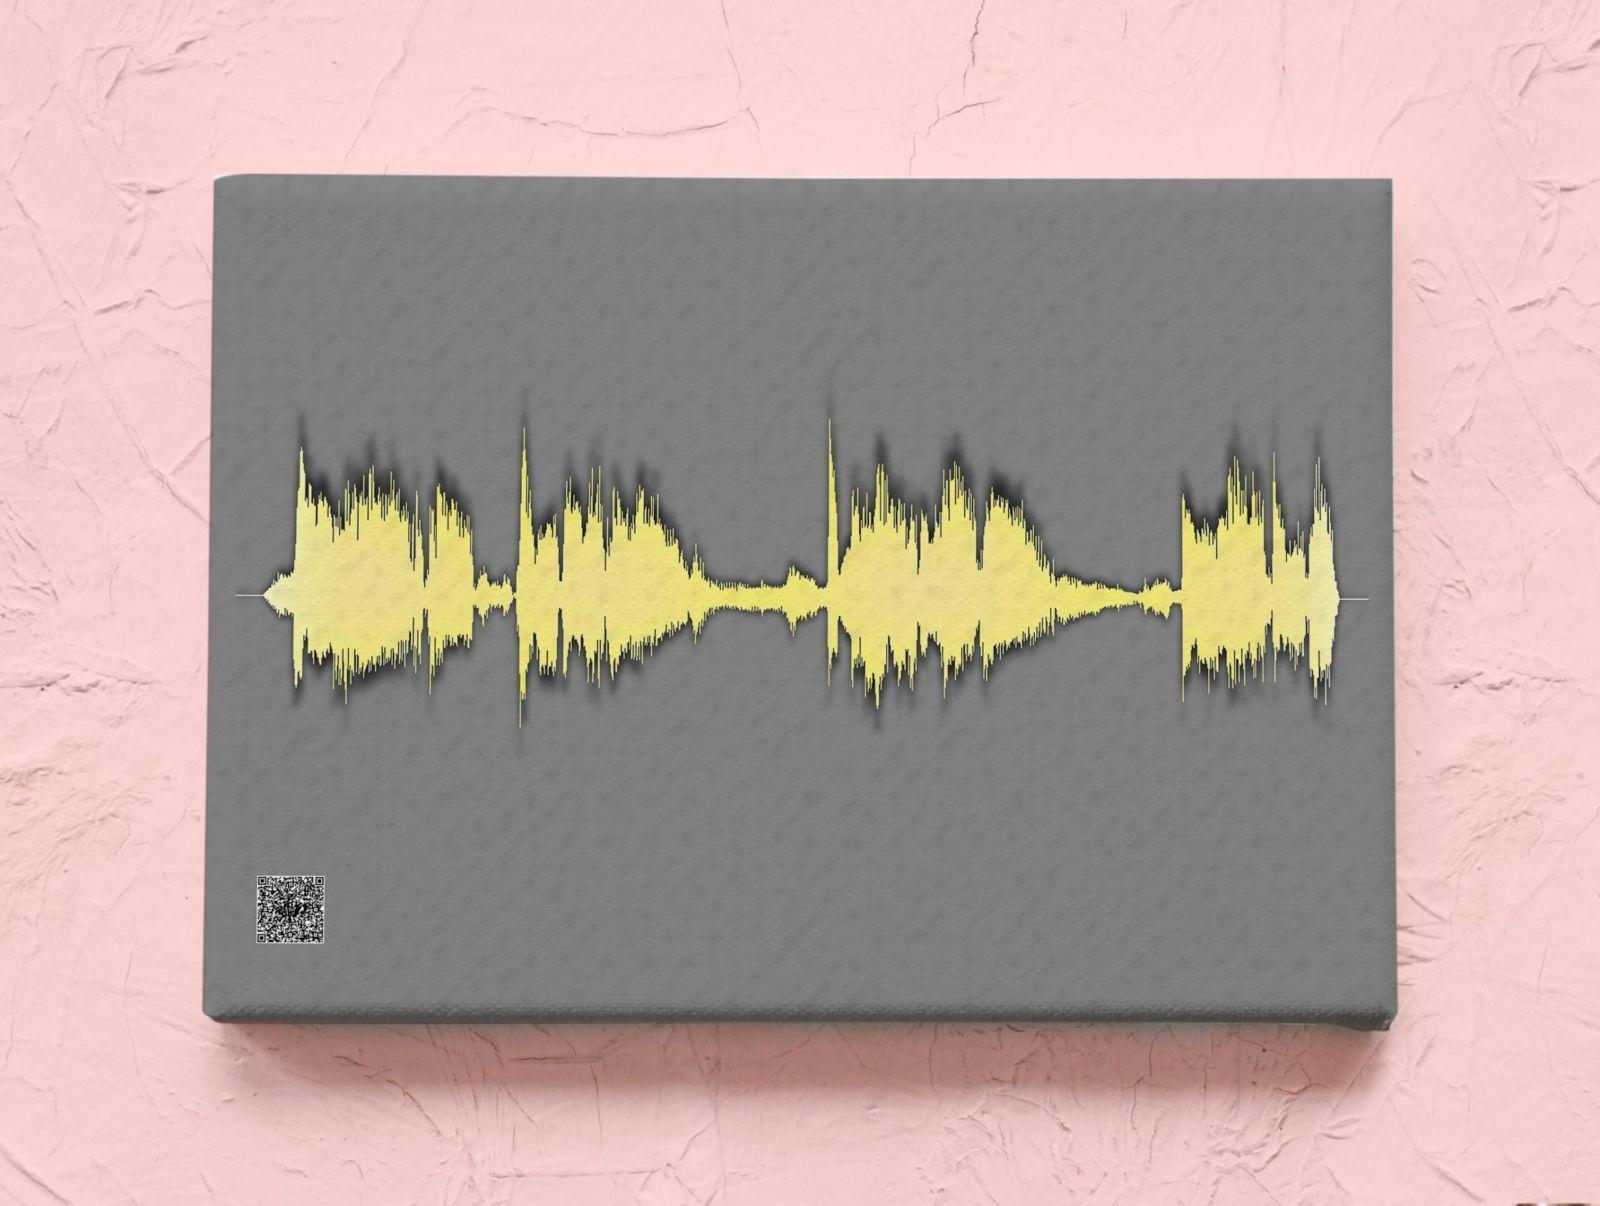 Картина голоса А2 на холсте с деревянным подрамником